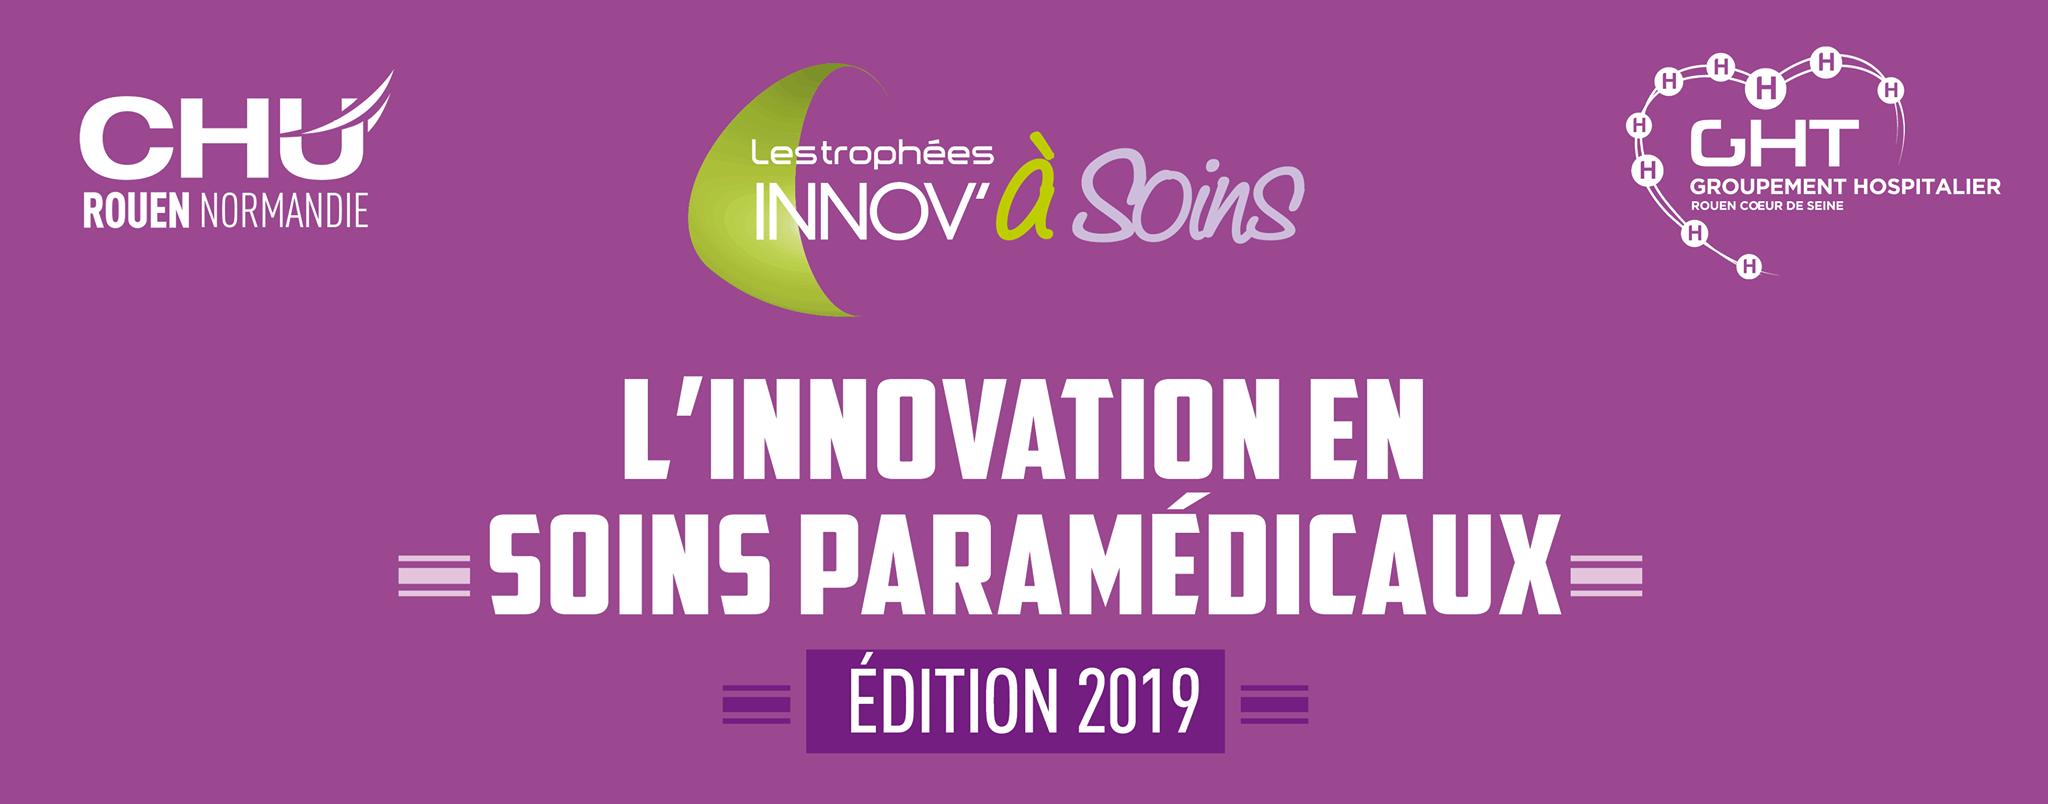 Votez pour vos innovations en soins paramédicaux préférées !